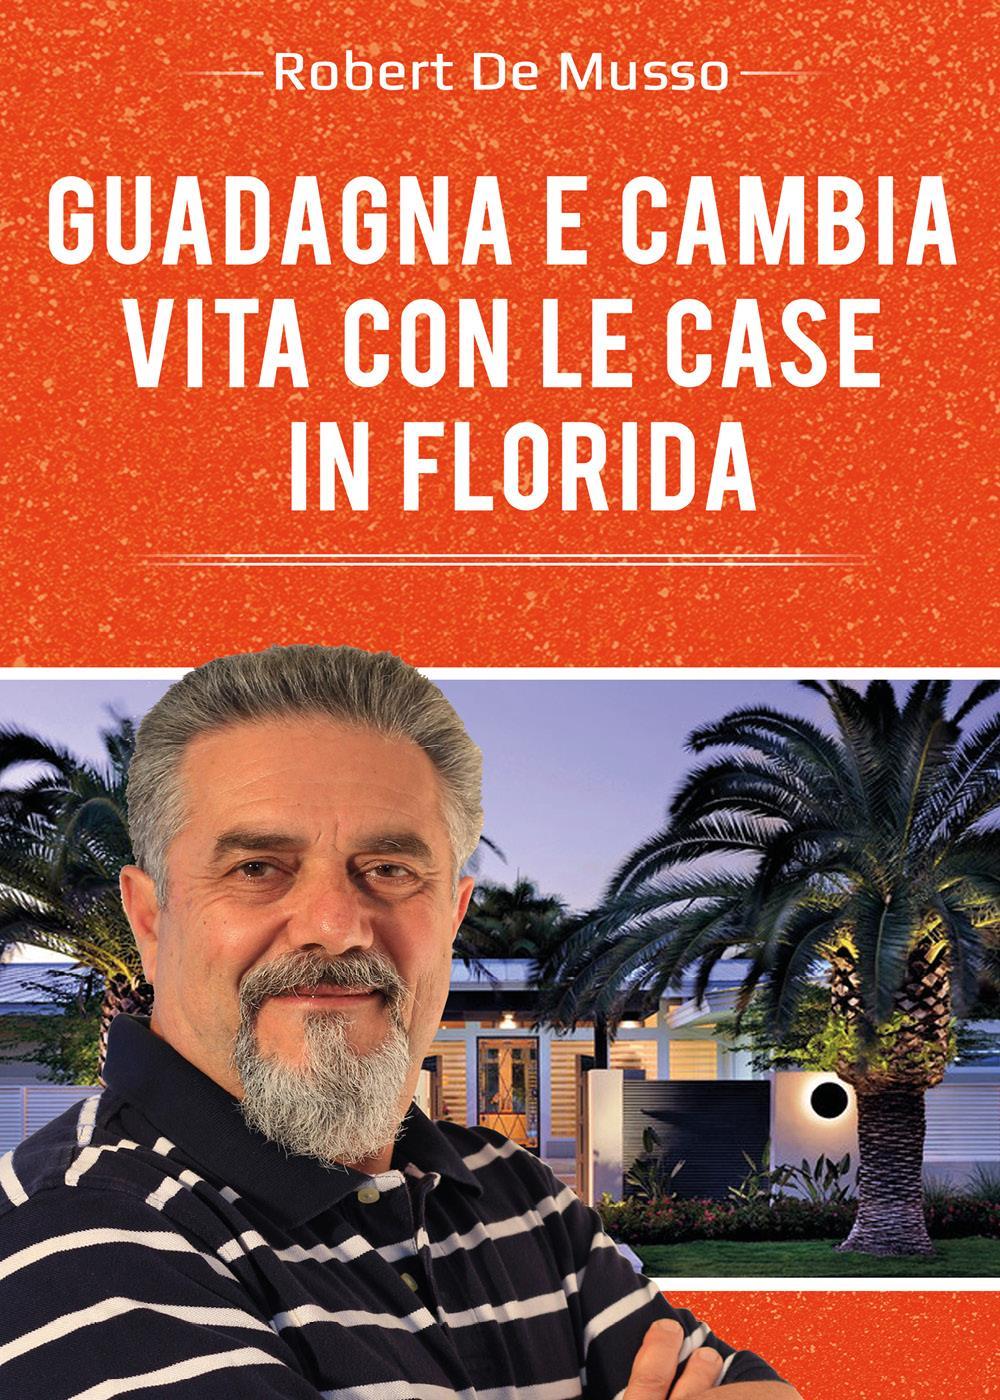 Guadagna e cambia vita con le case in Florida